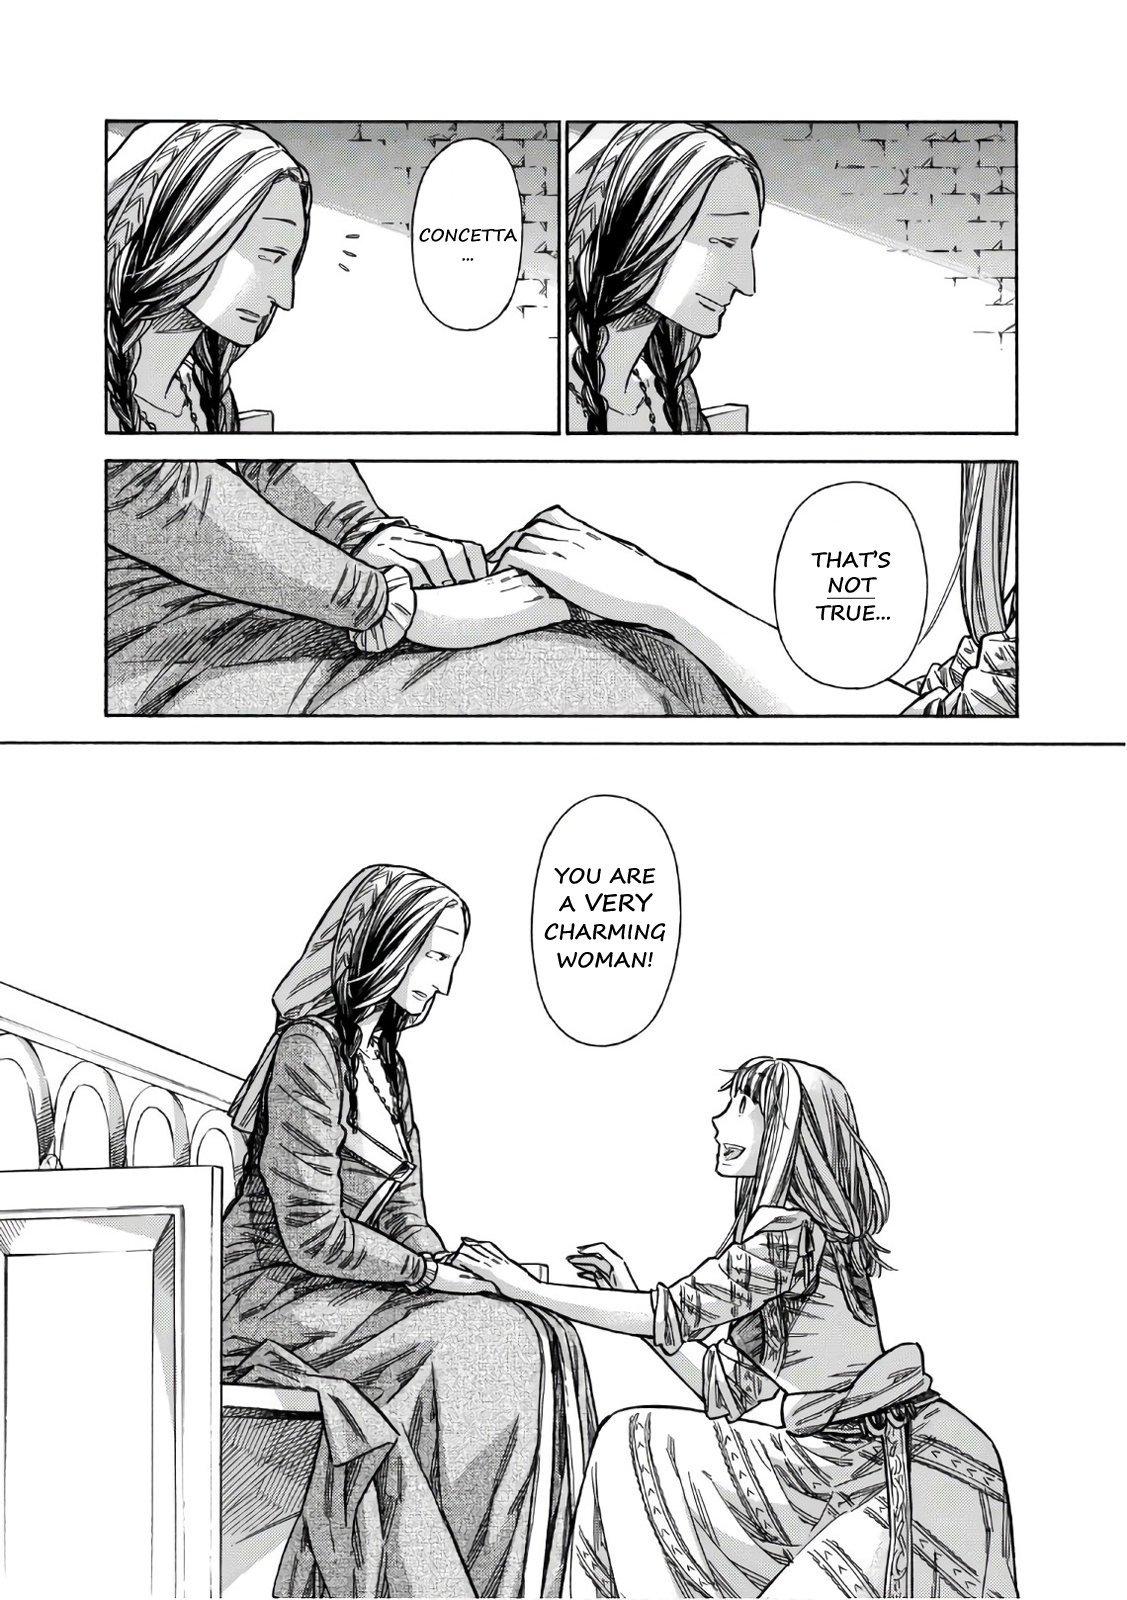 Manga Arte - Chapter 39 Page 35